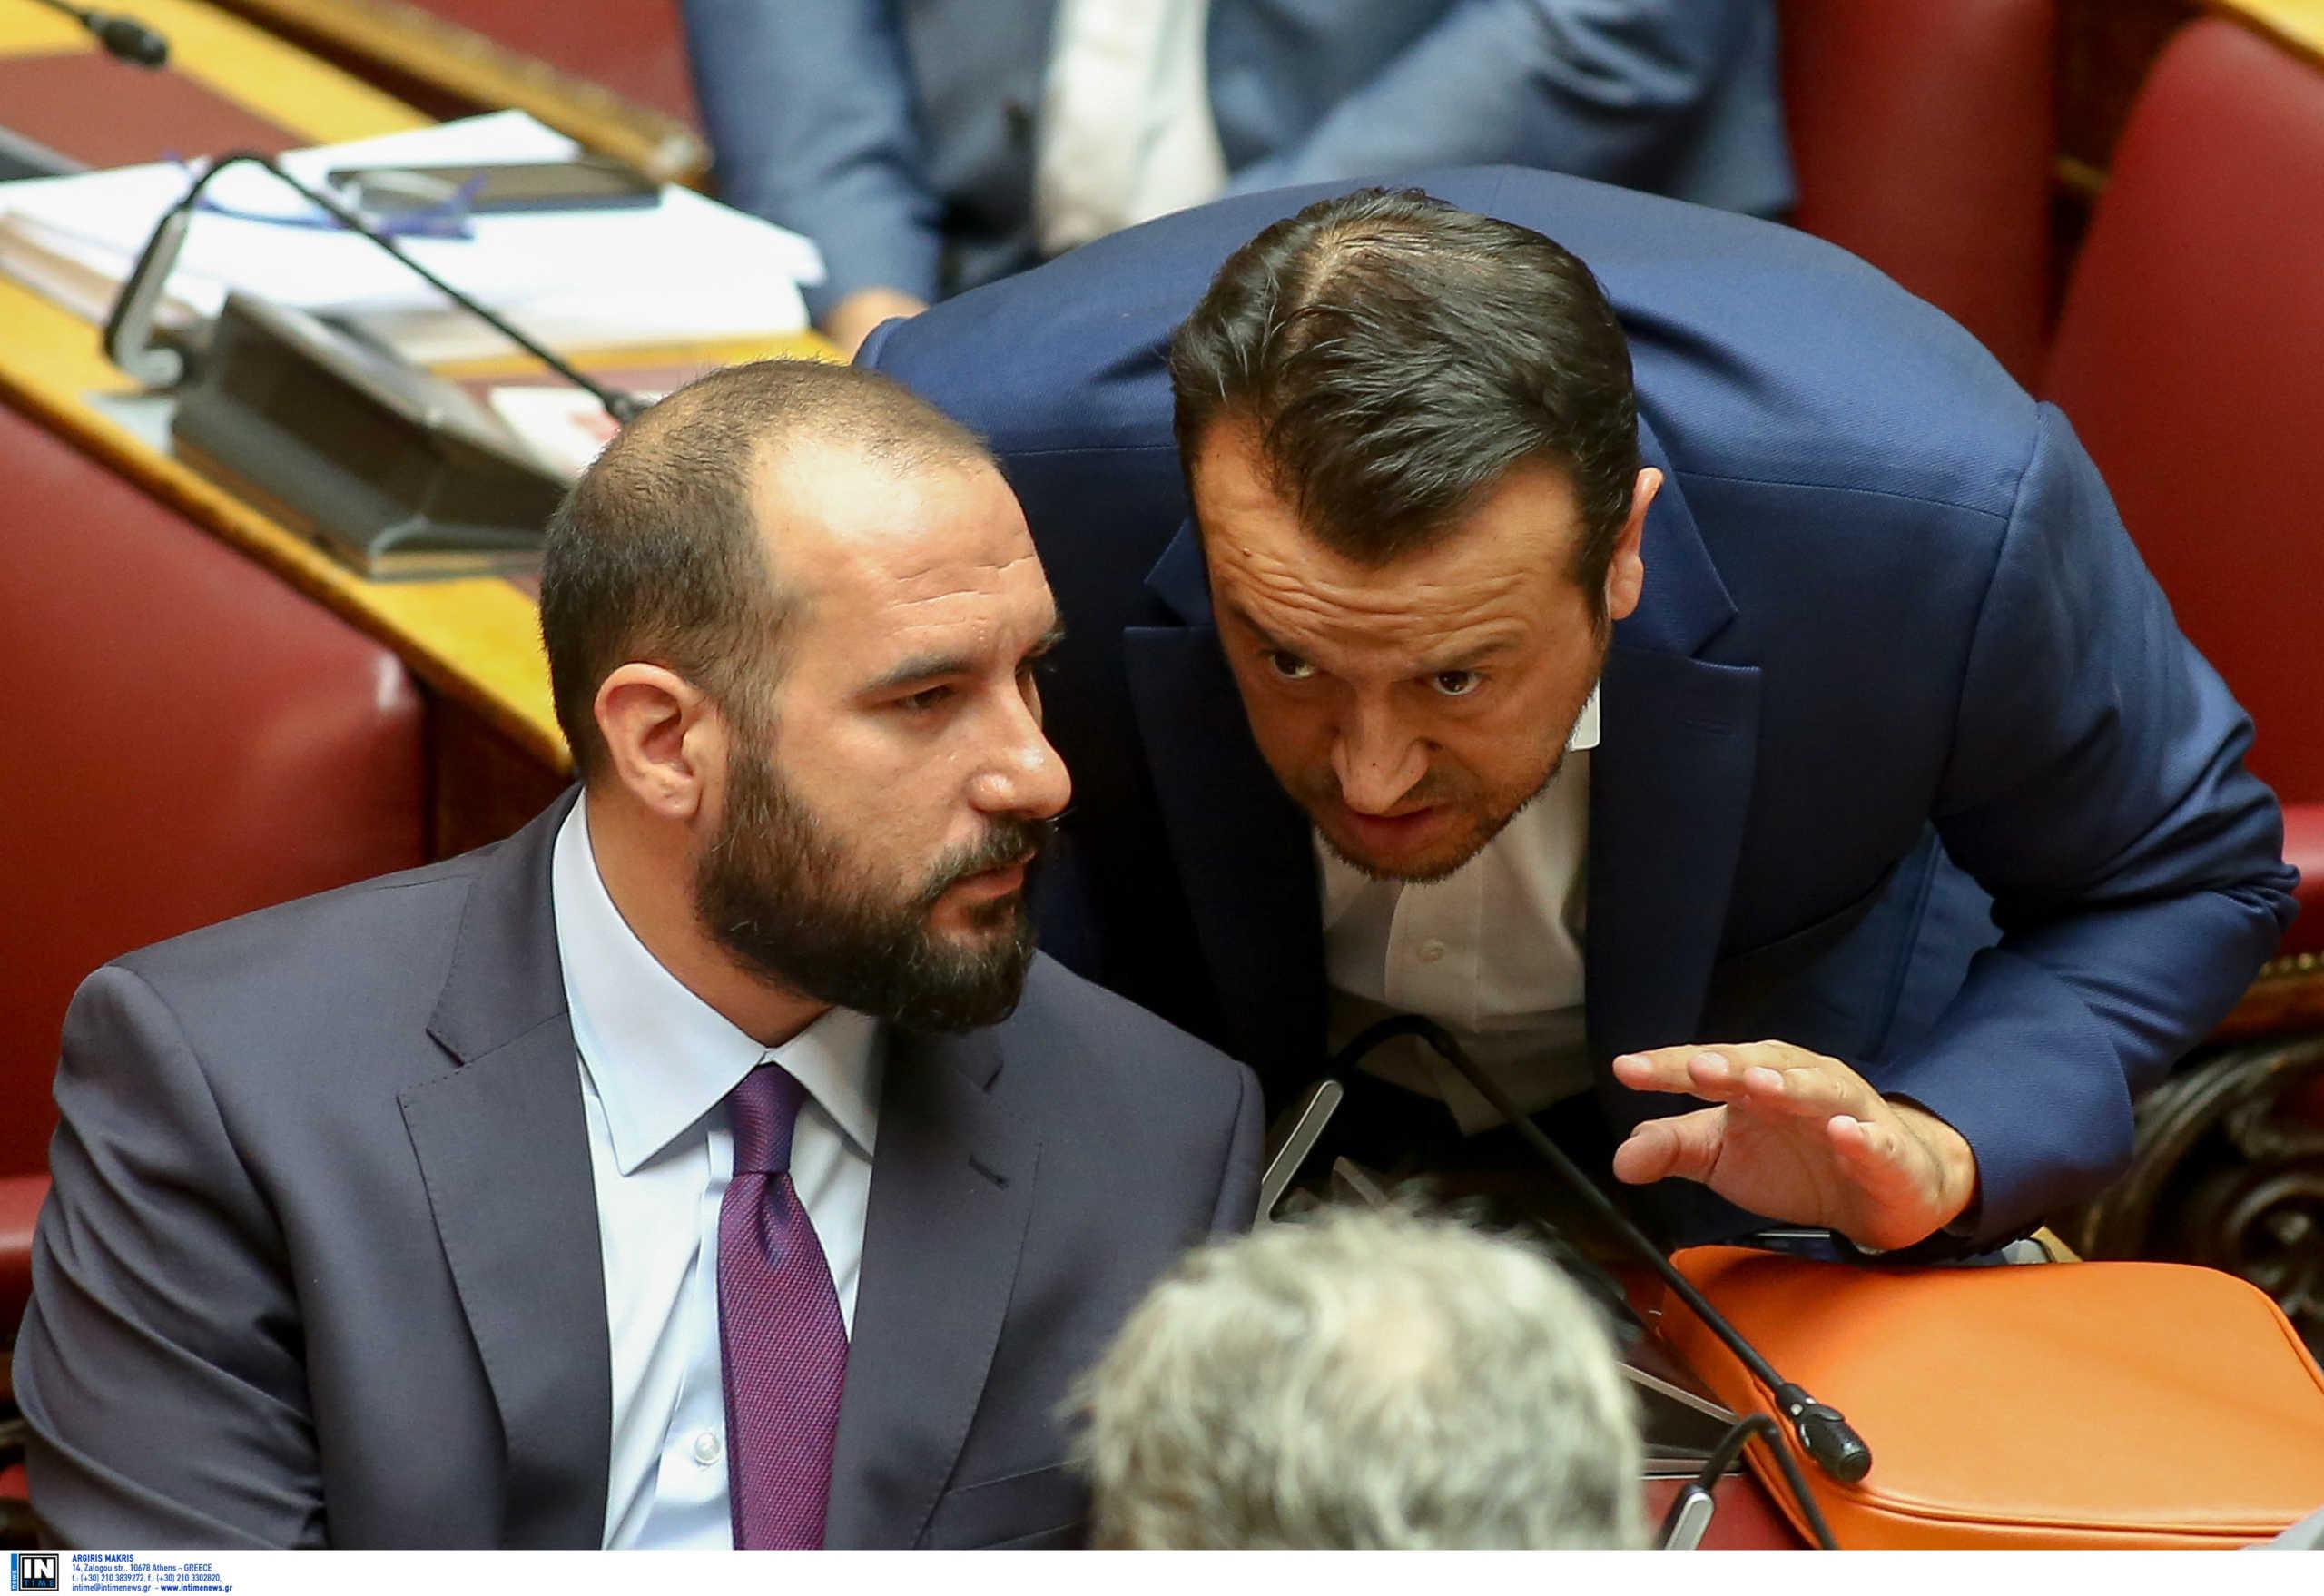 Οι τρεις αλλαγές Τσίπρα στον ΣΥΡΙΖΑ: Τζανακόπουλος στο κόμμα, «καρατομείται» ο Παππάς